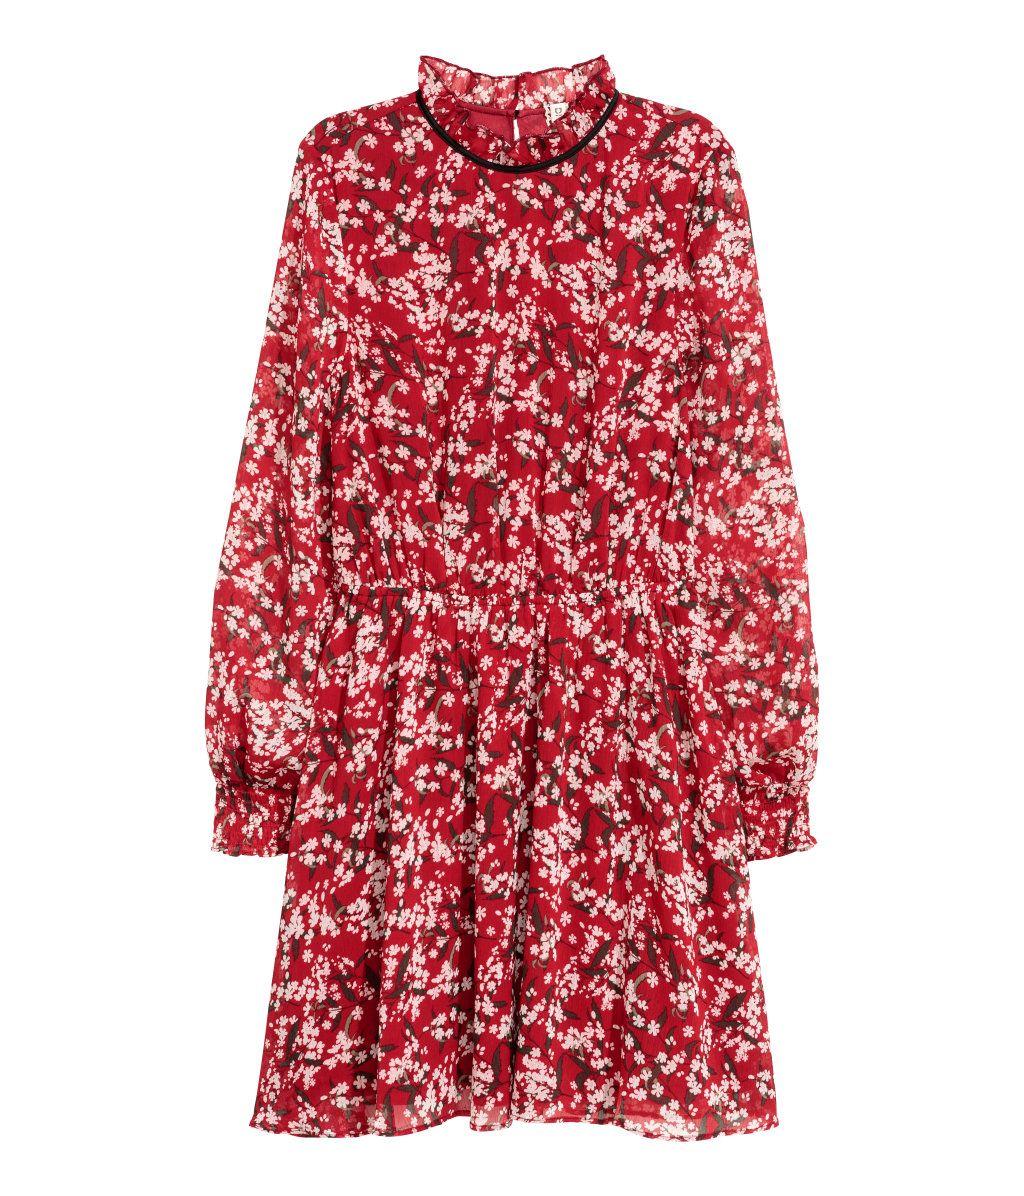 872d11b9dd1e Mørkerød Blomstret. Knælang kjole i tynd